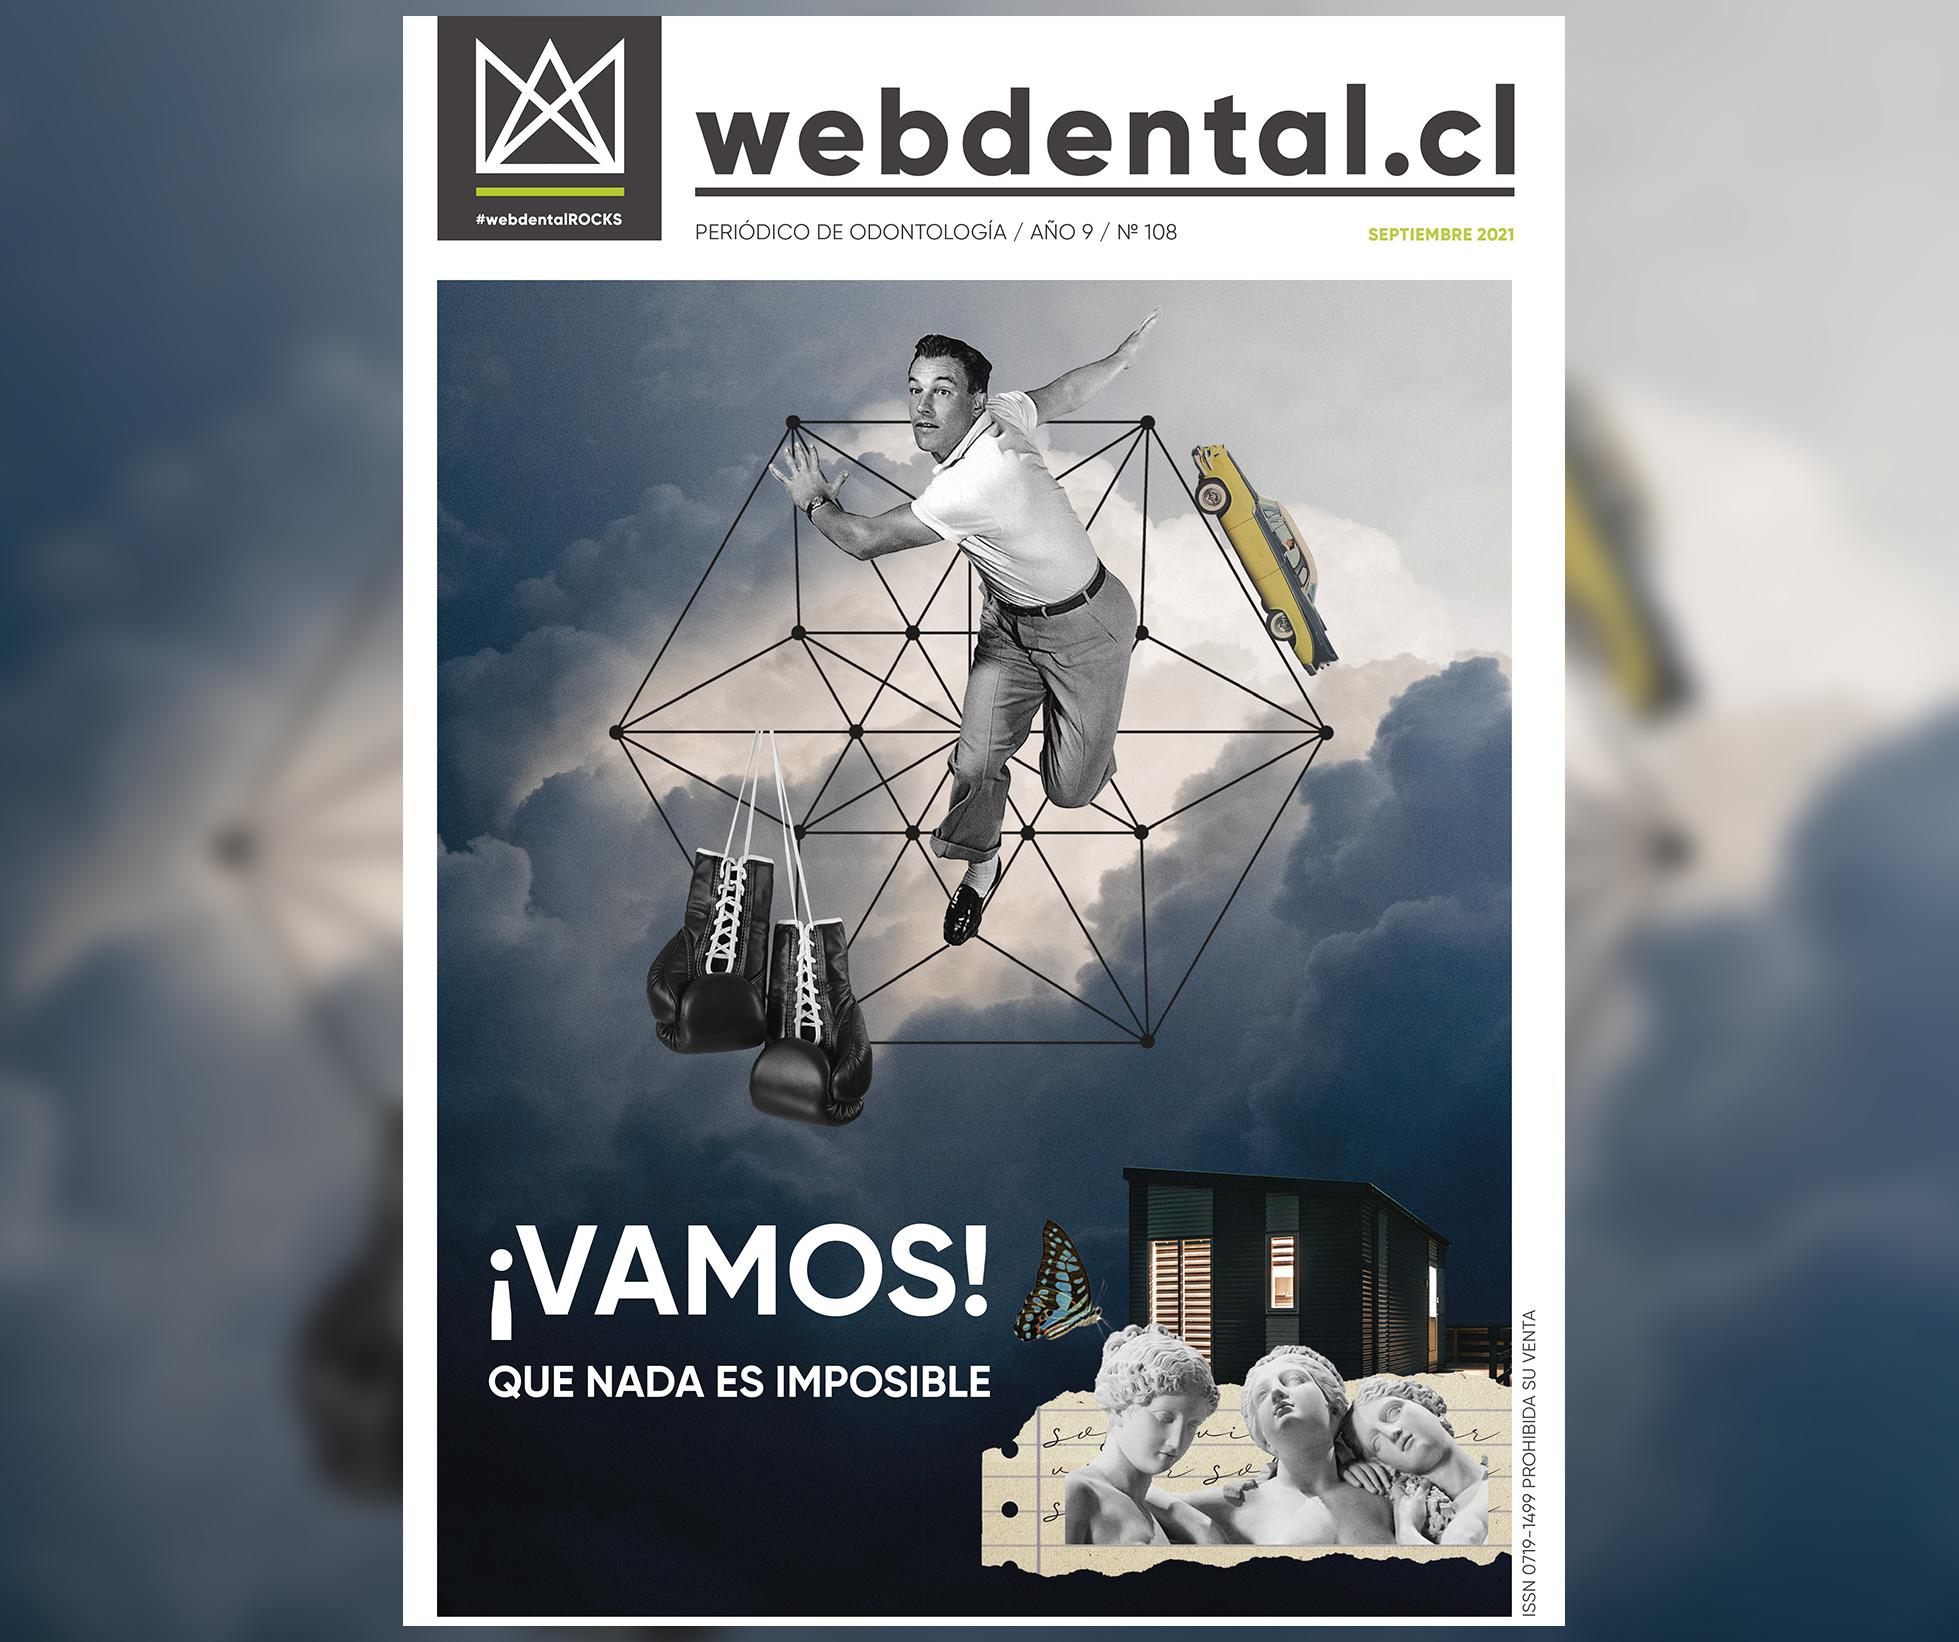 Periodico-de-Odontologia-108-IG-web